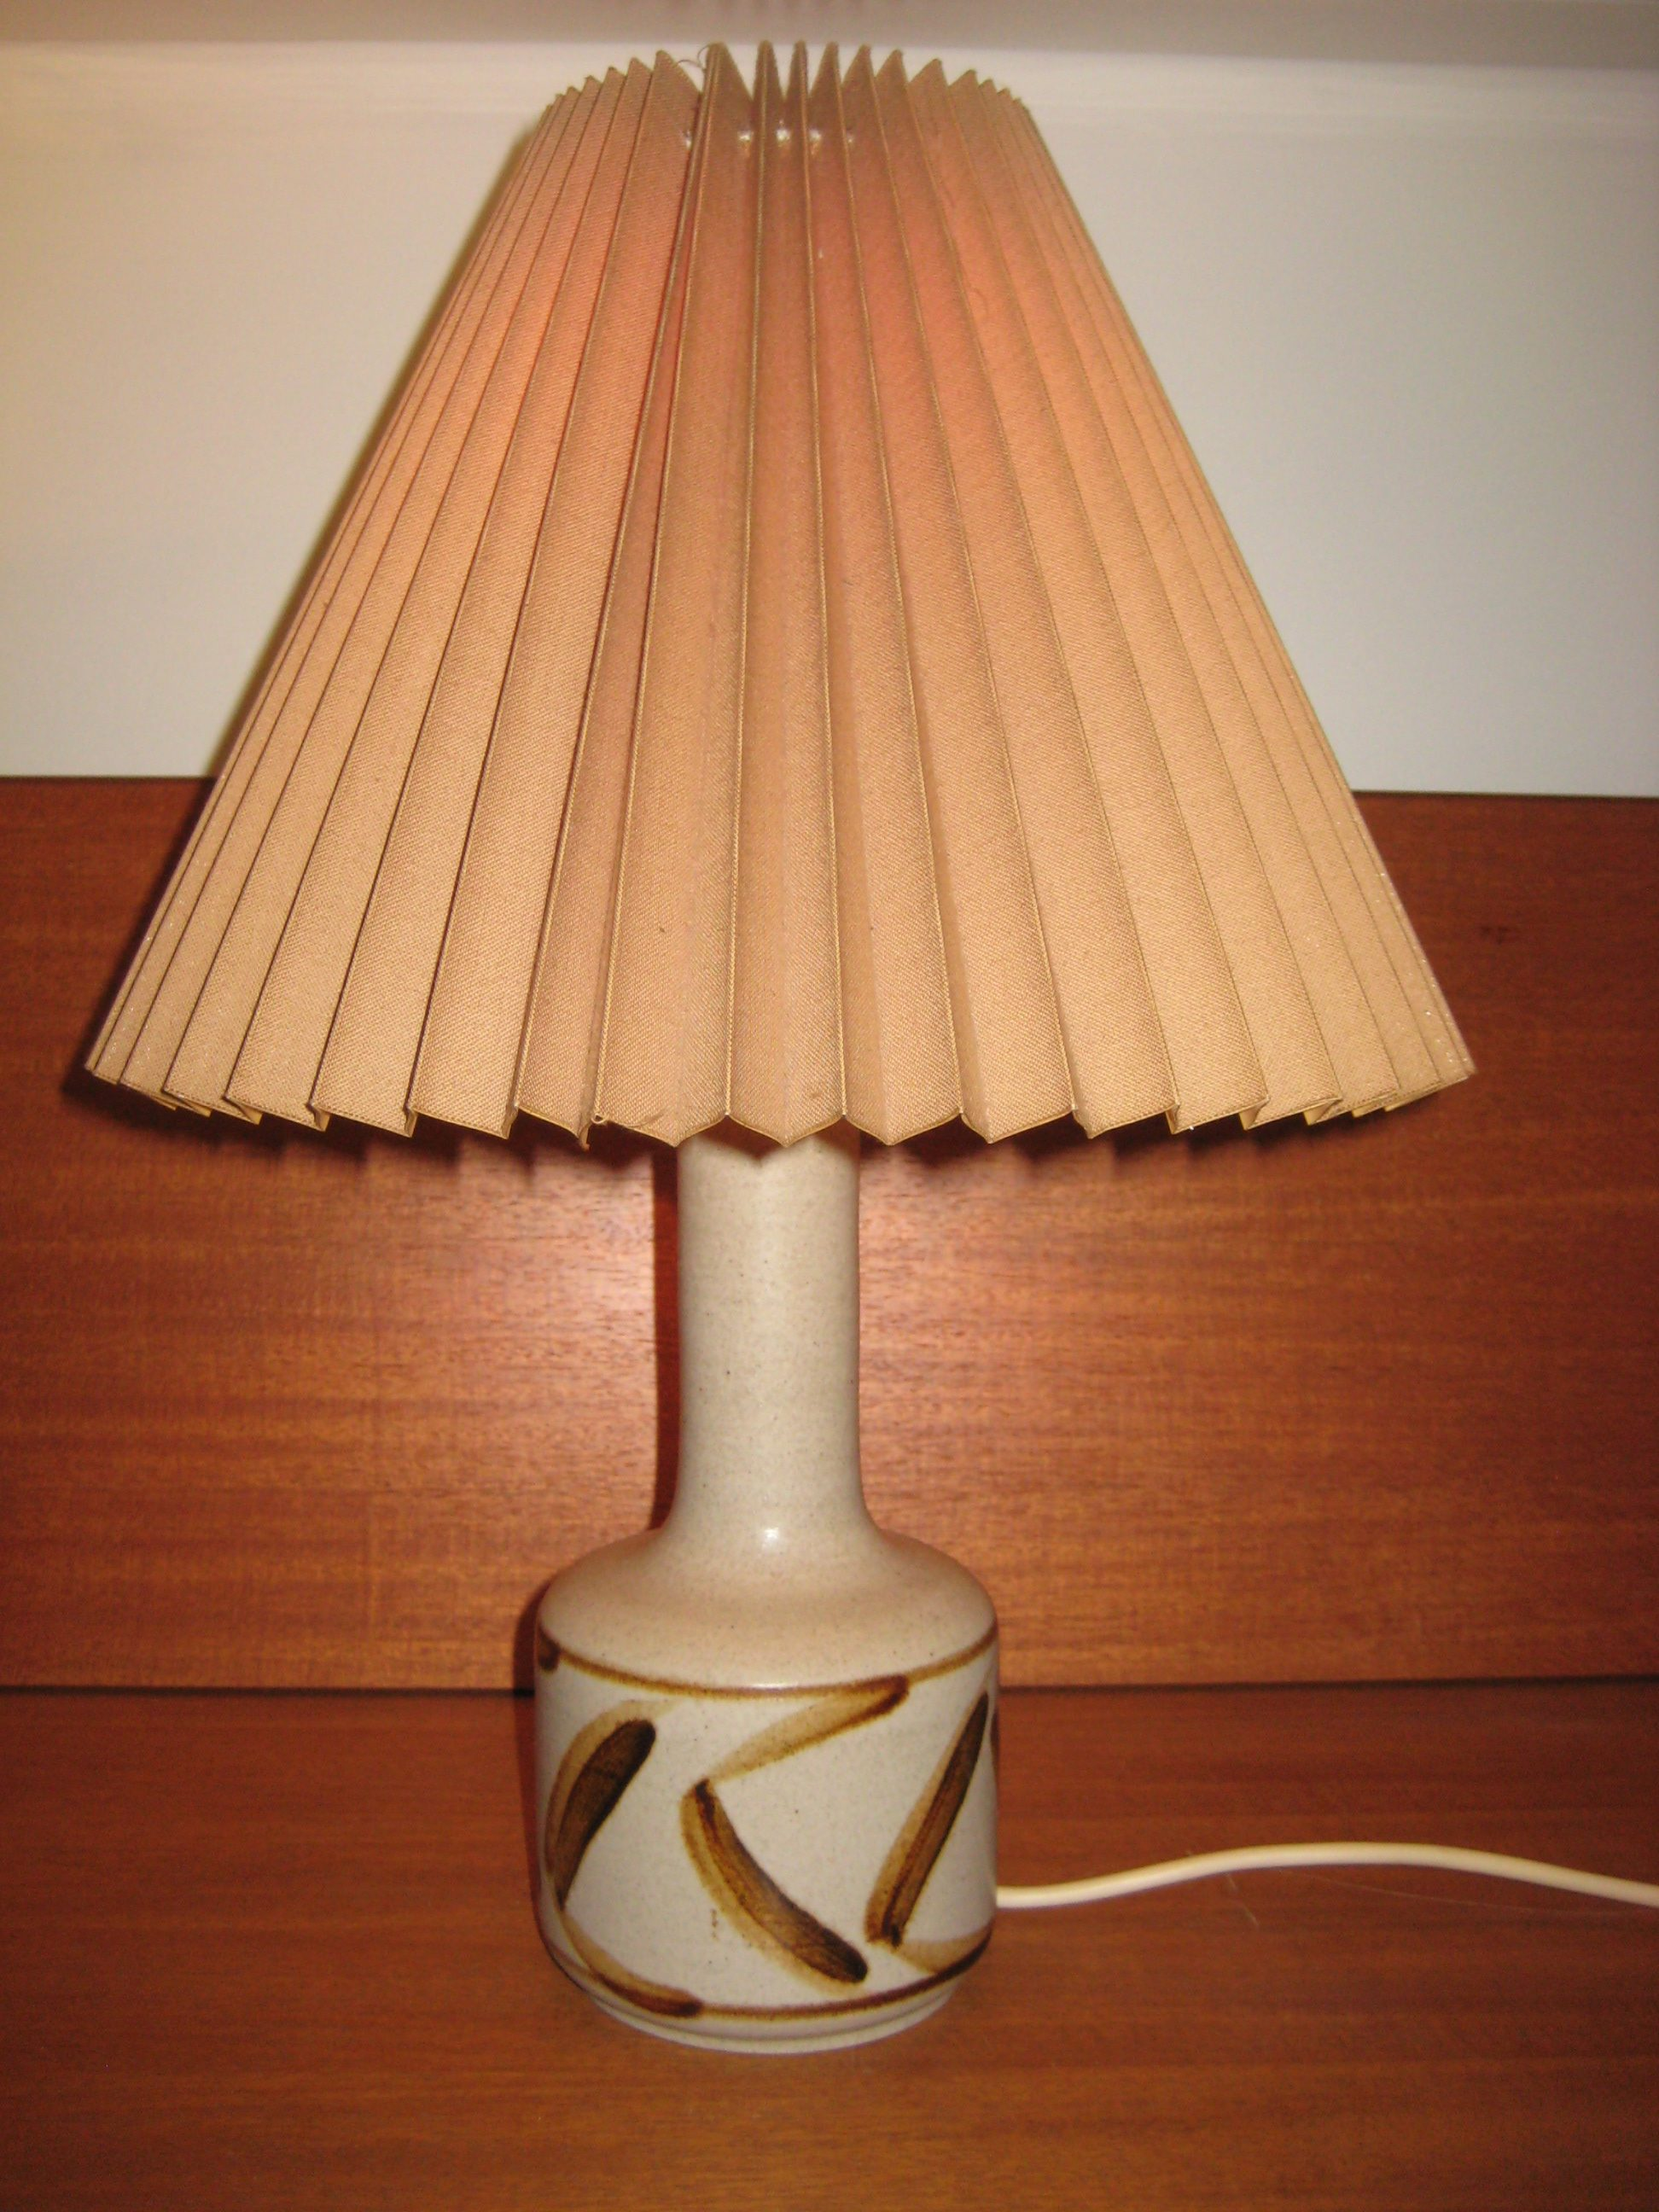 Kähler bordlampe i stentøj